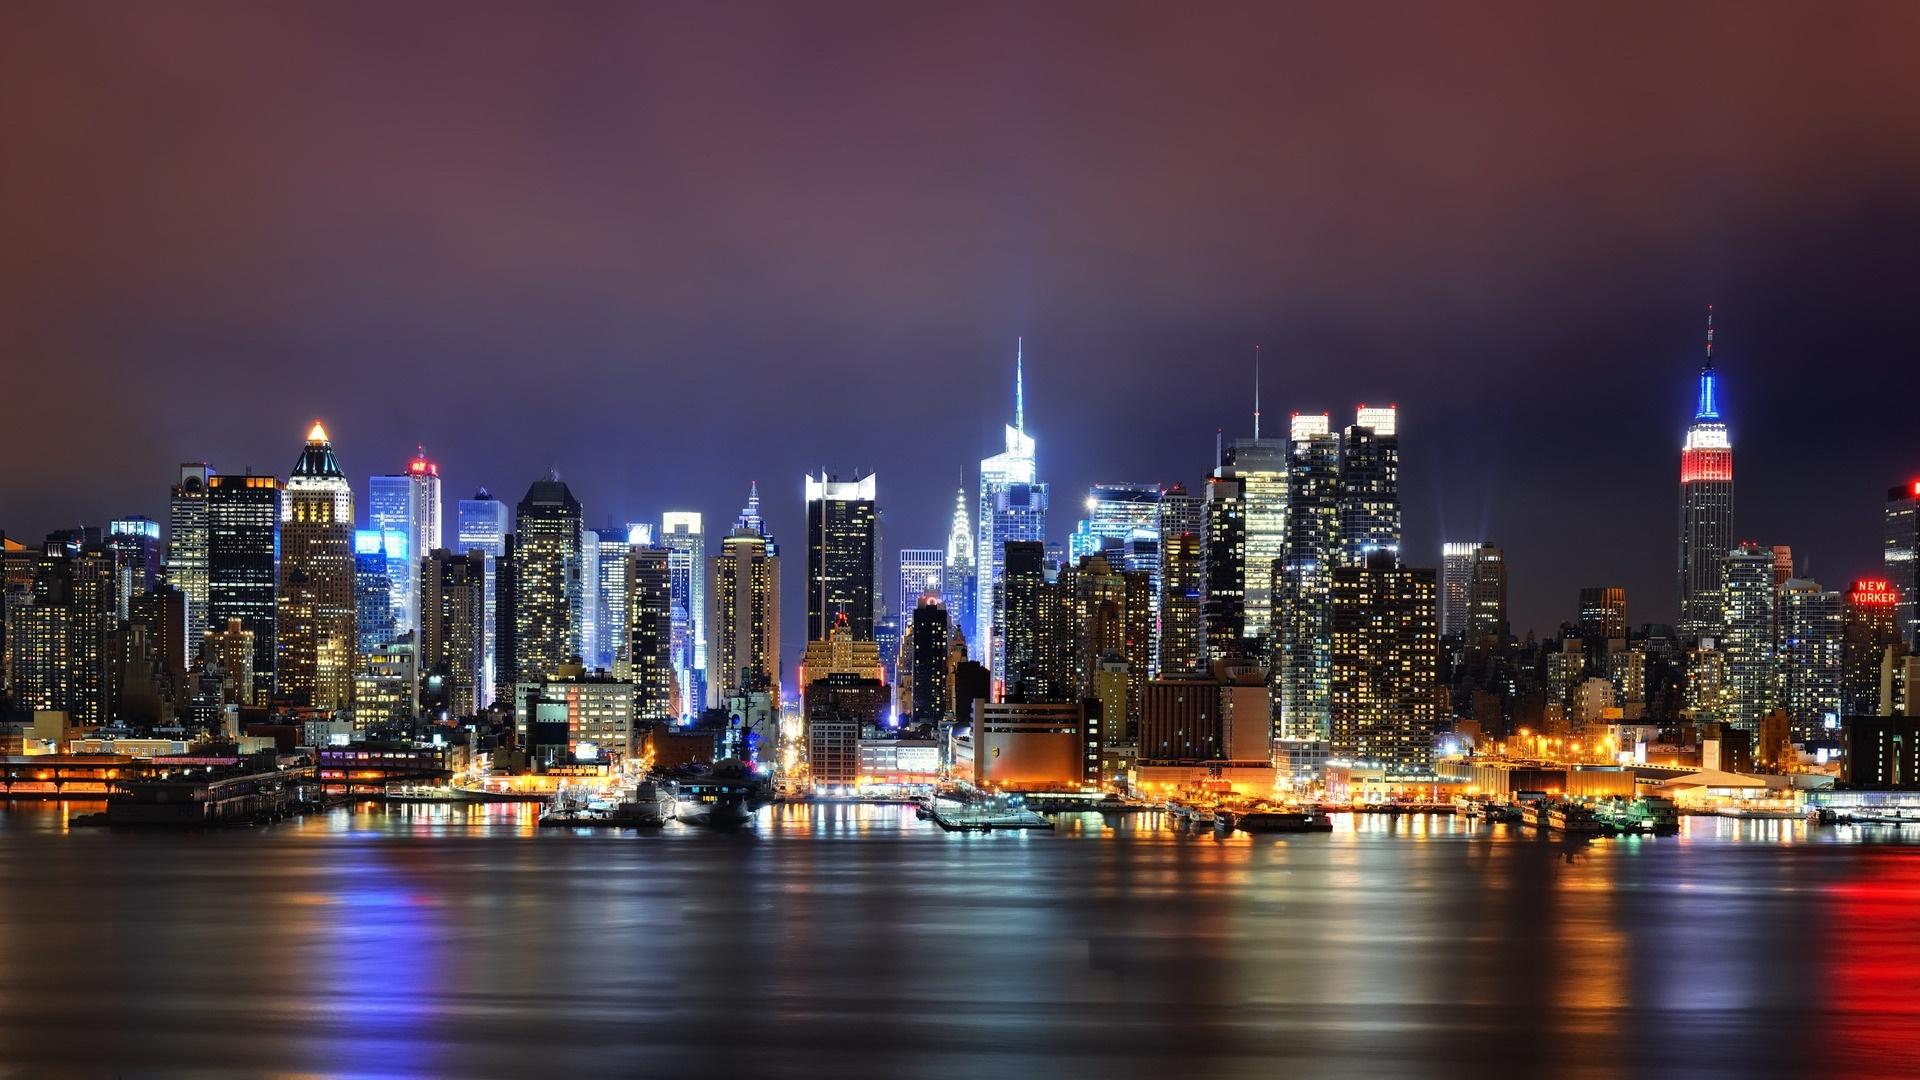 Hai visto? Guida alle migliori città per single!